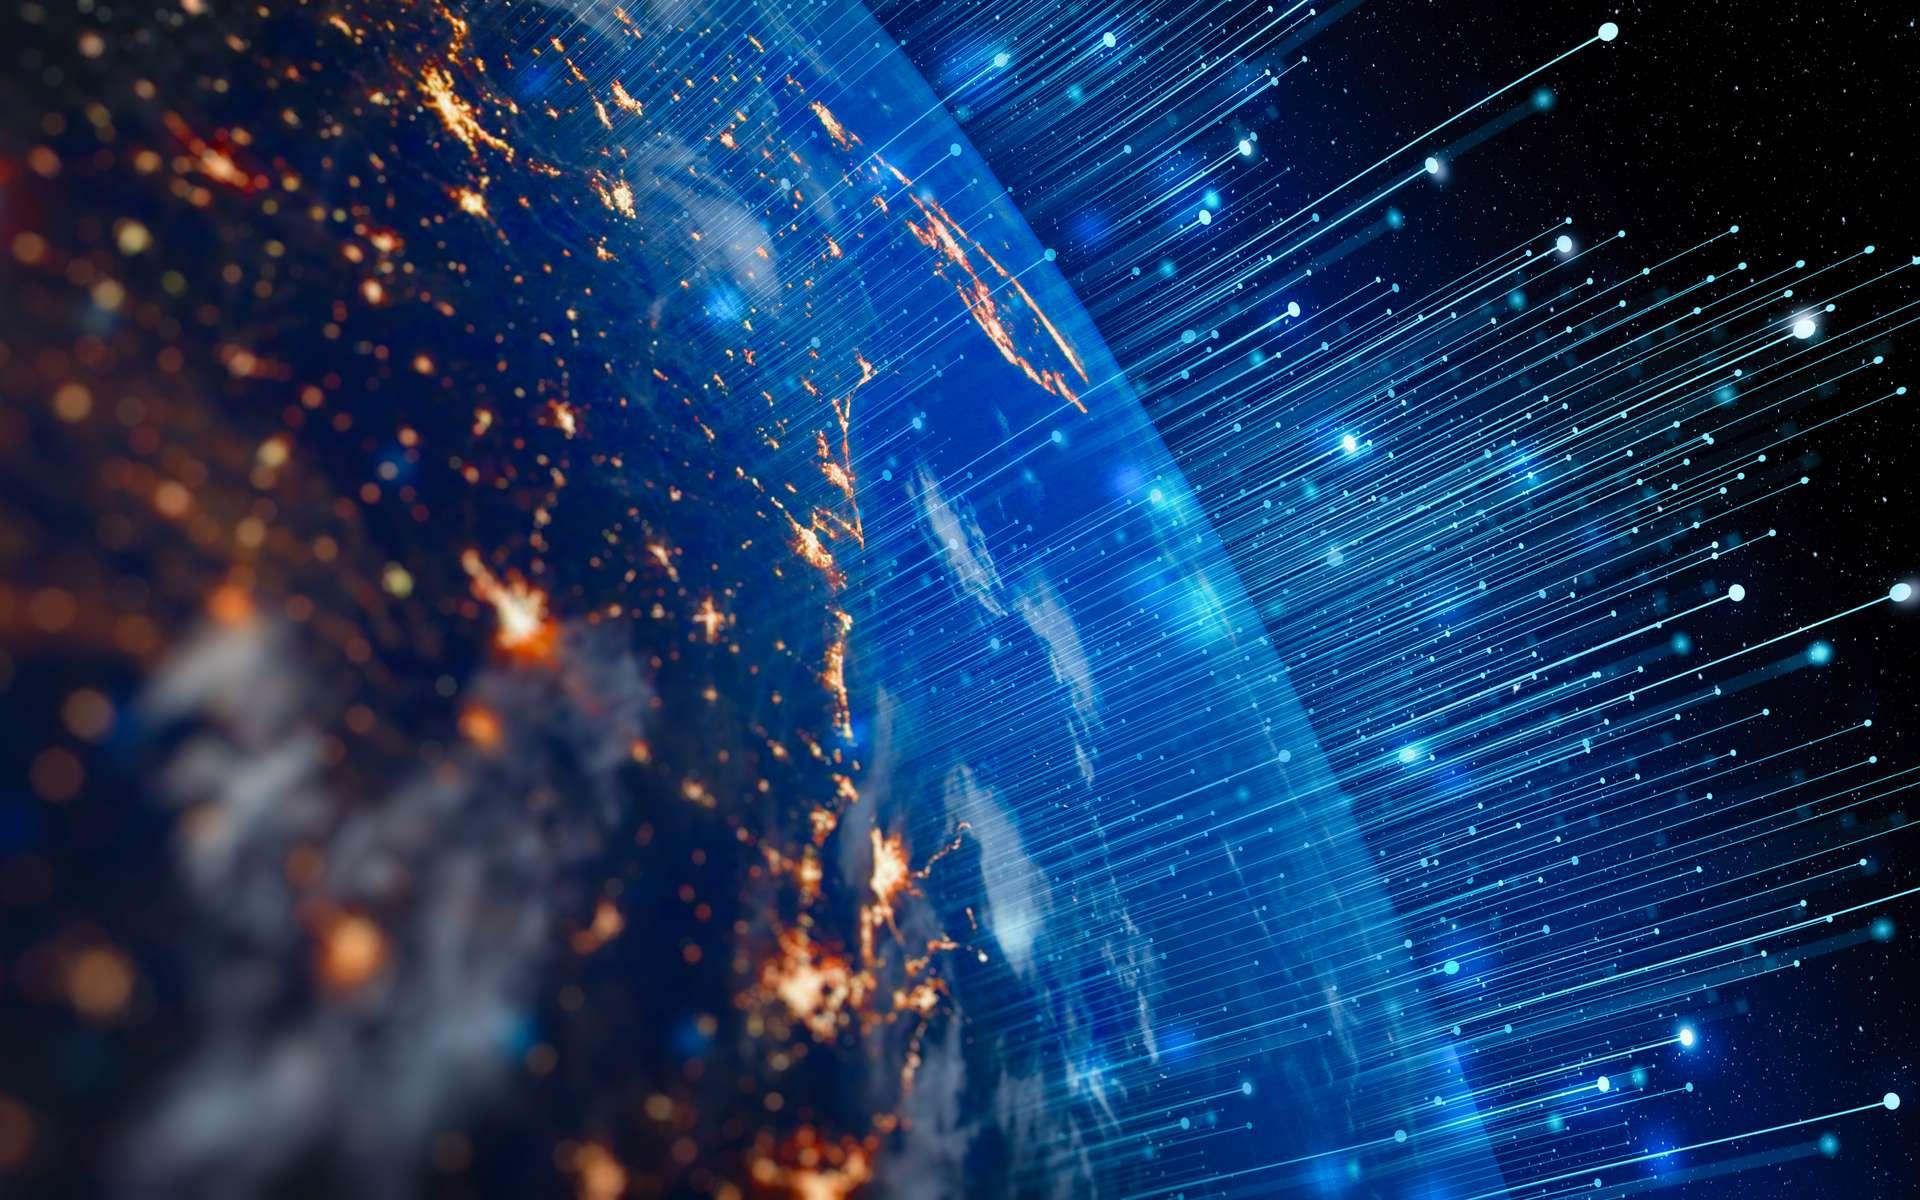 La firme Circles vend des équipements permettant d'espionner les communications des individus dans le monde entier. © greenbutterfly, Adobe Stock